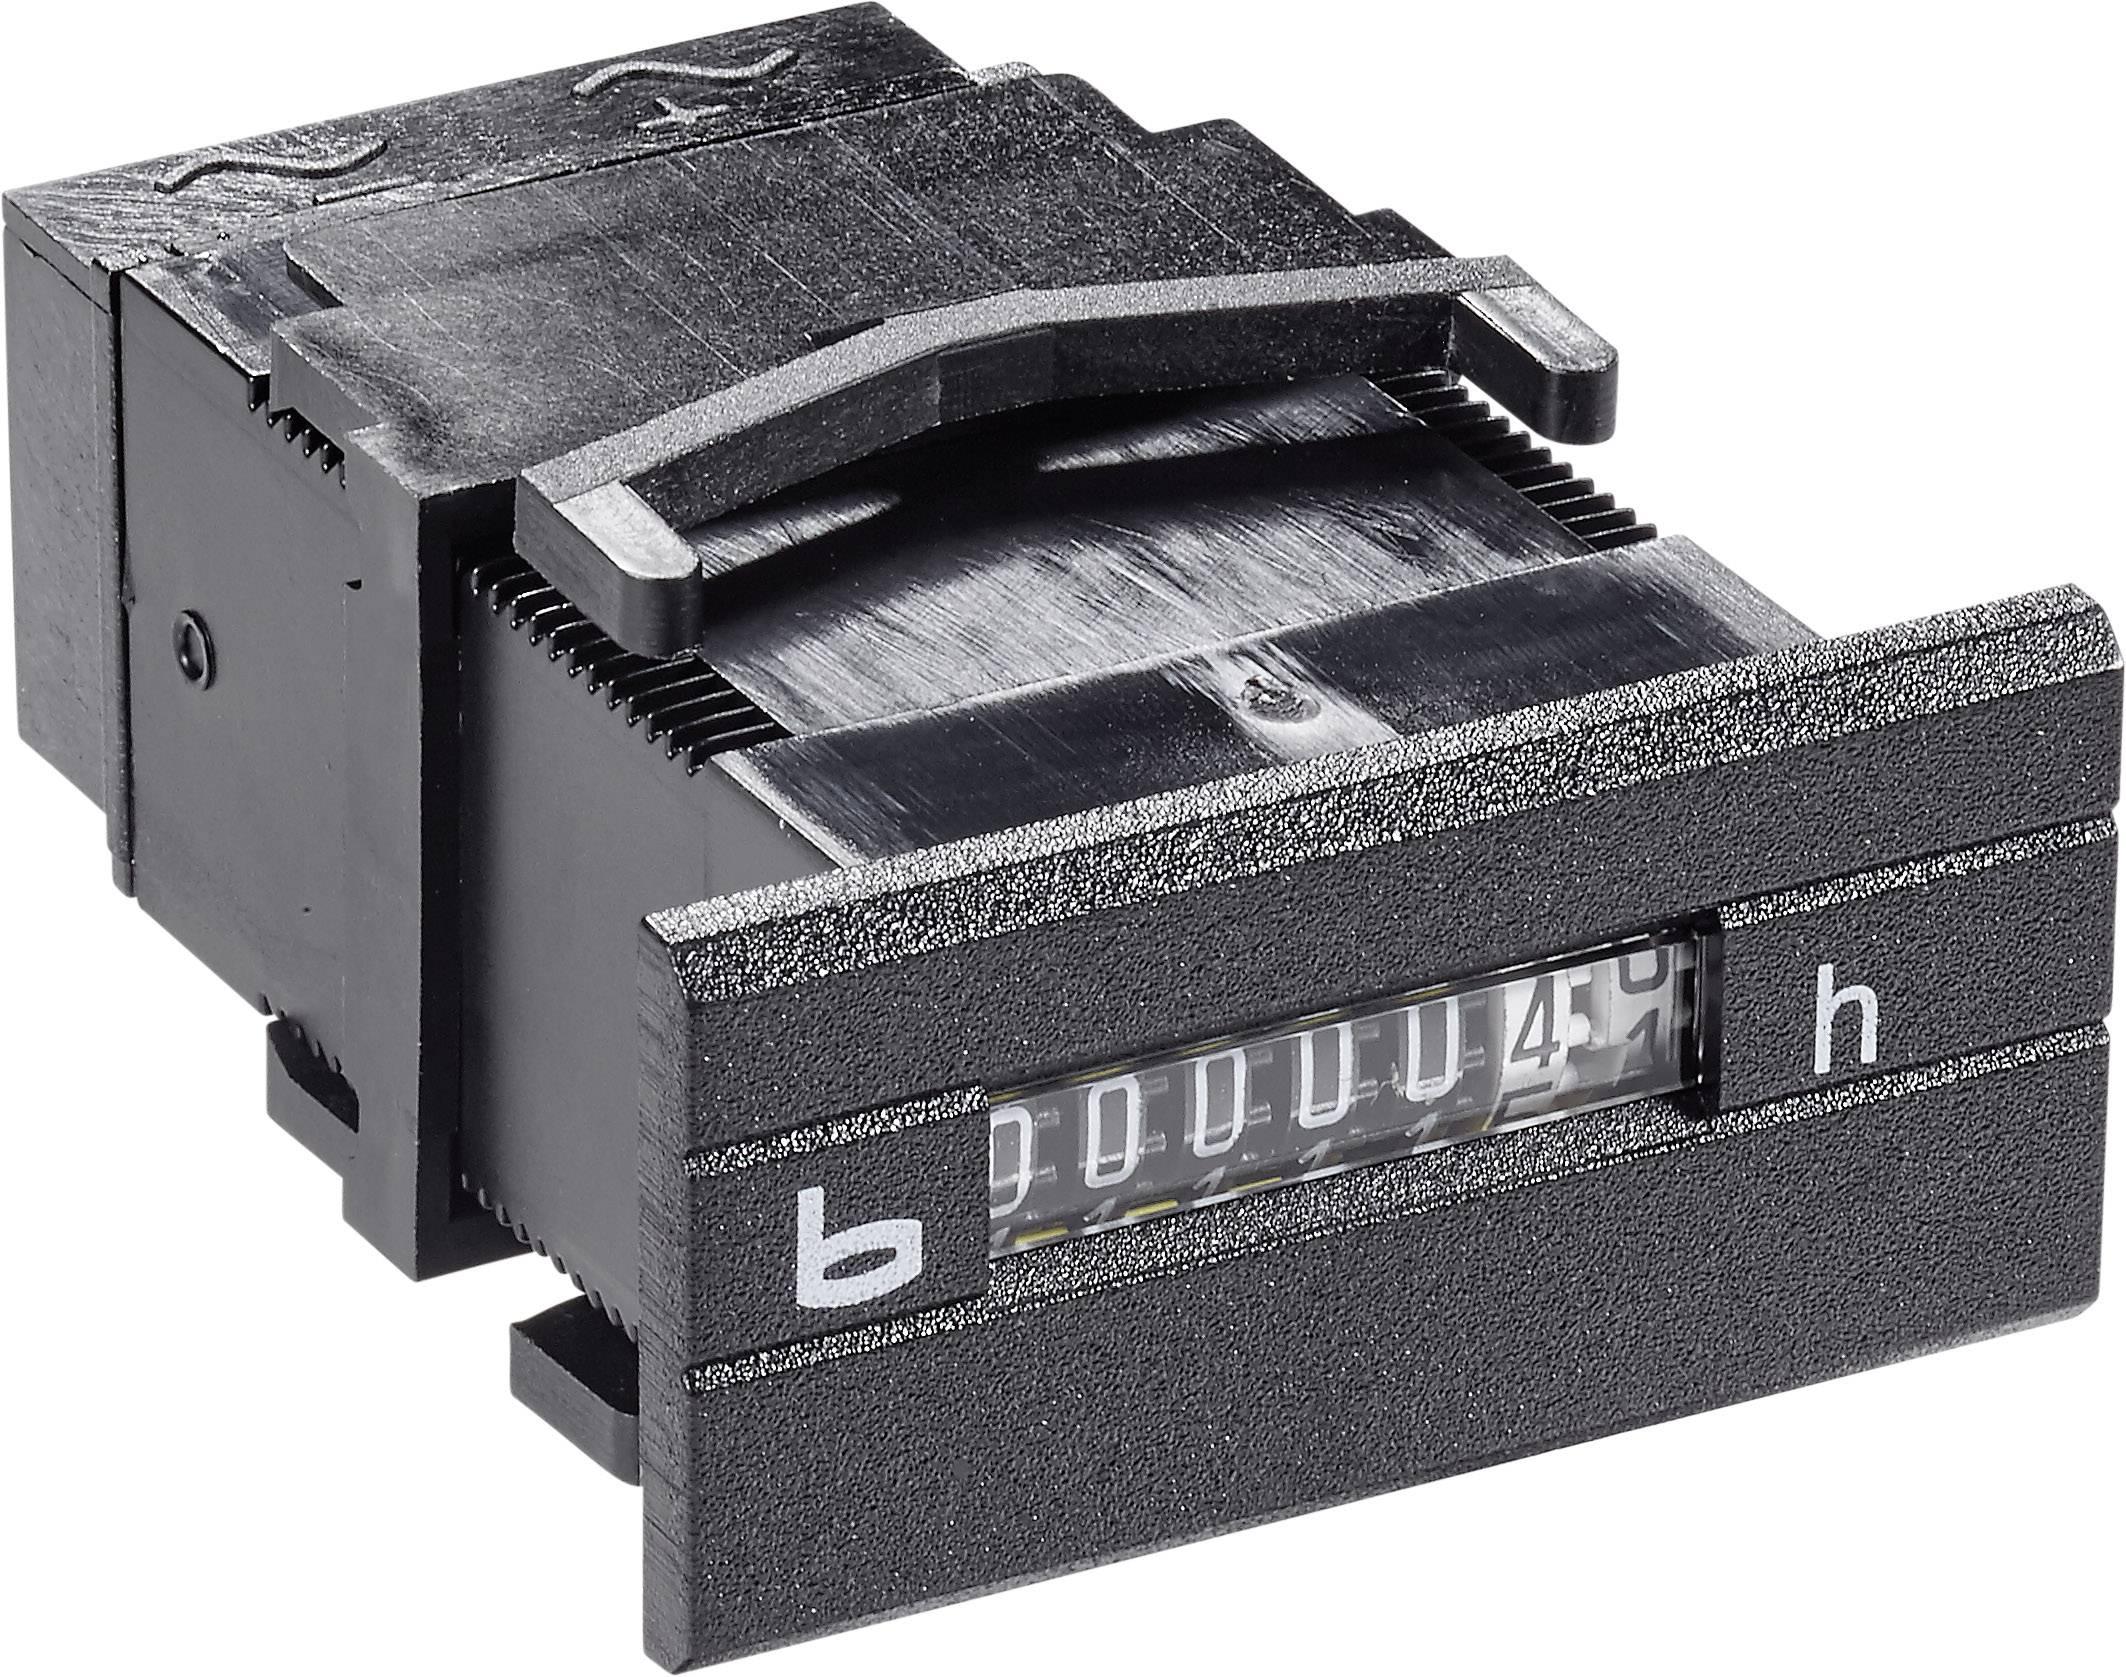 Počítadlo prevádzkových hodín Bauser 262.2, 12 - 24 V/DC